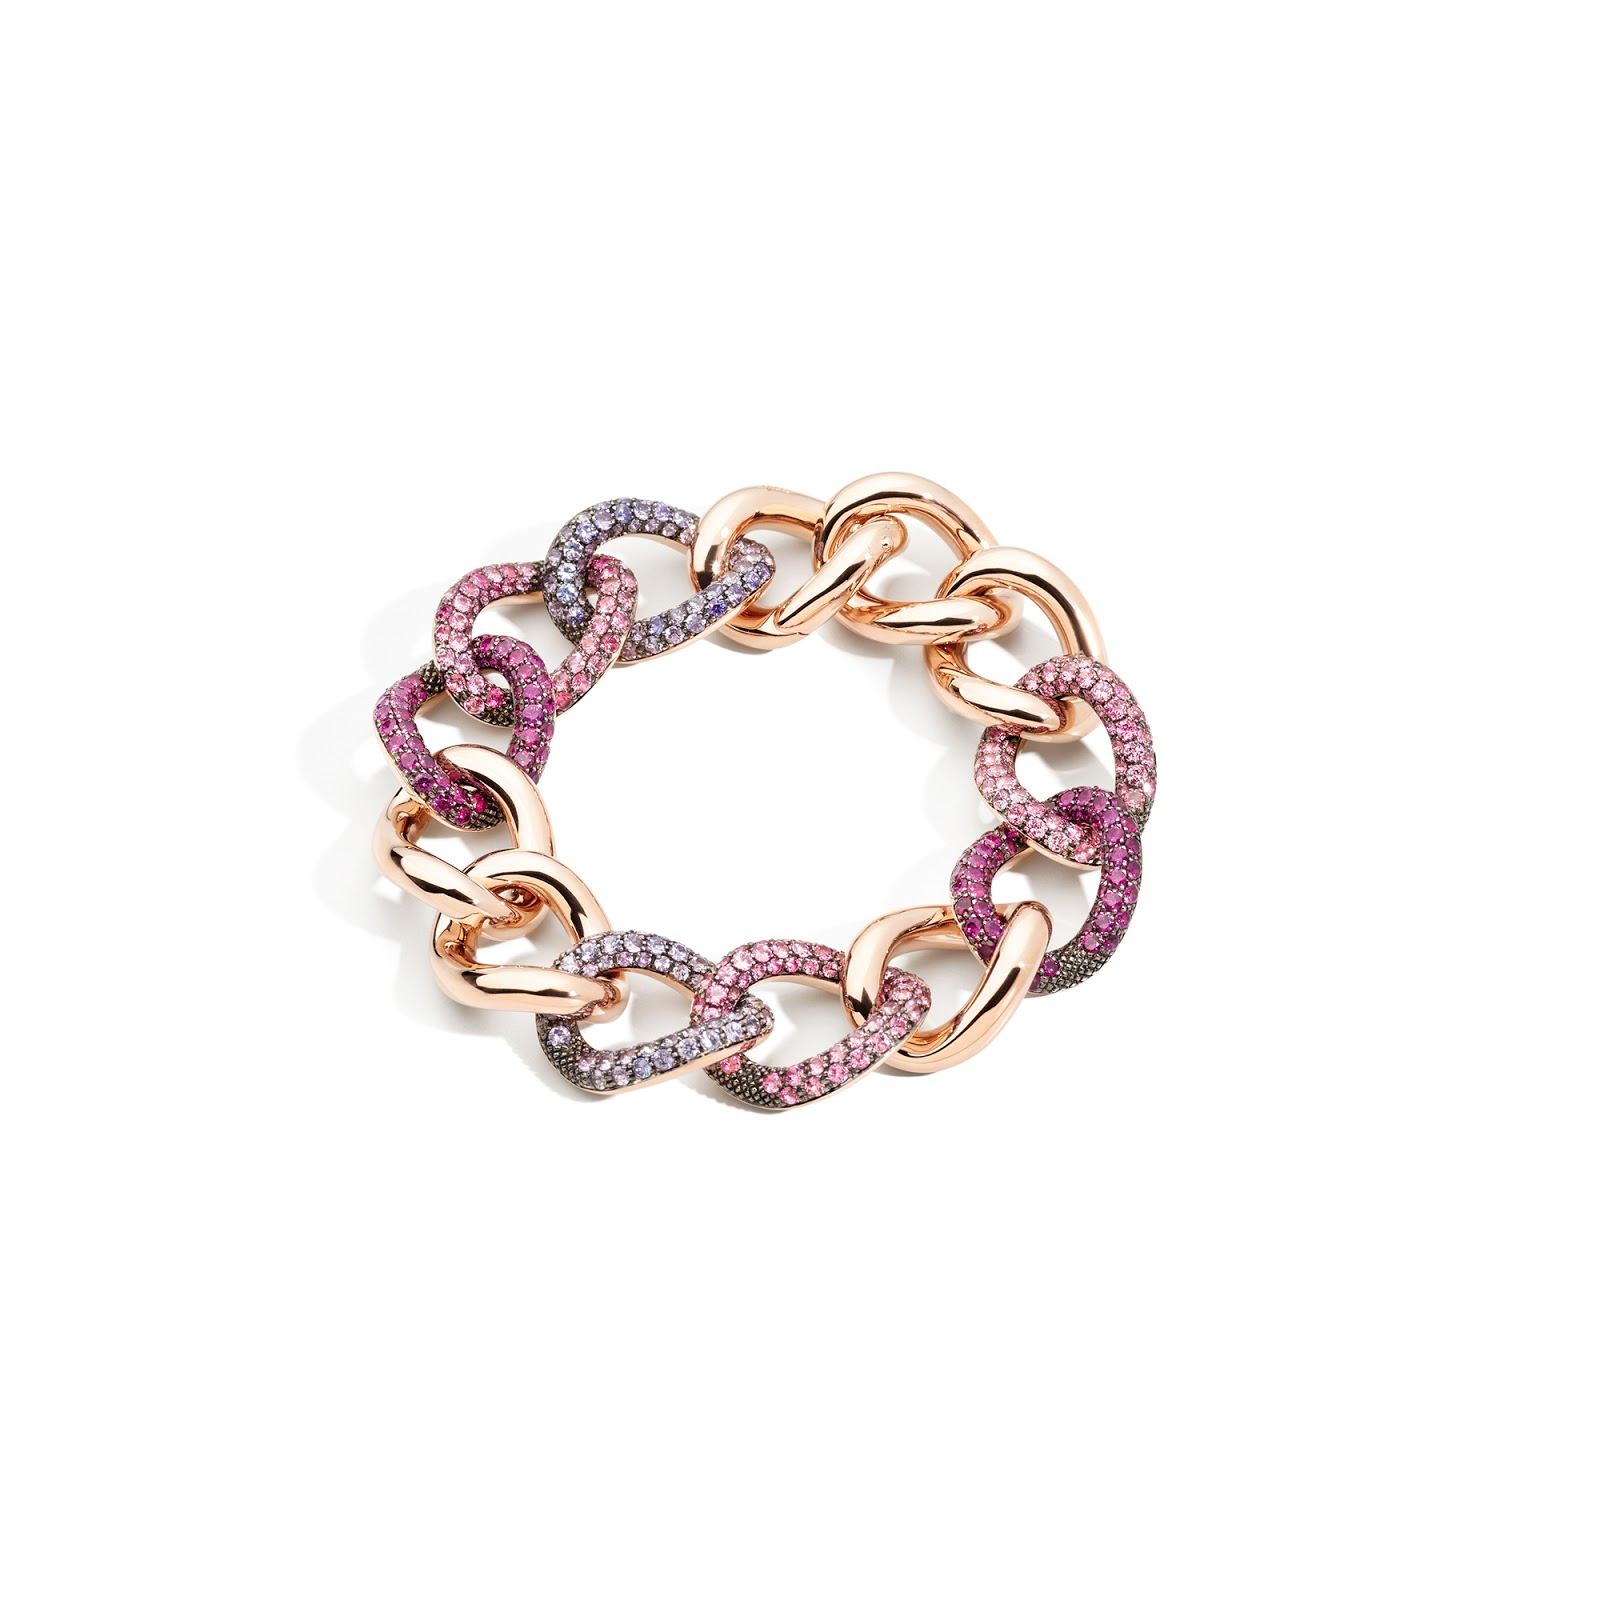 Ikoyi elite: Pomellato Jewellery